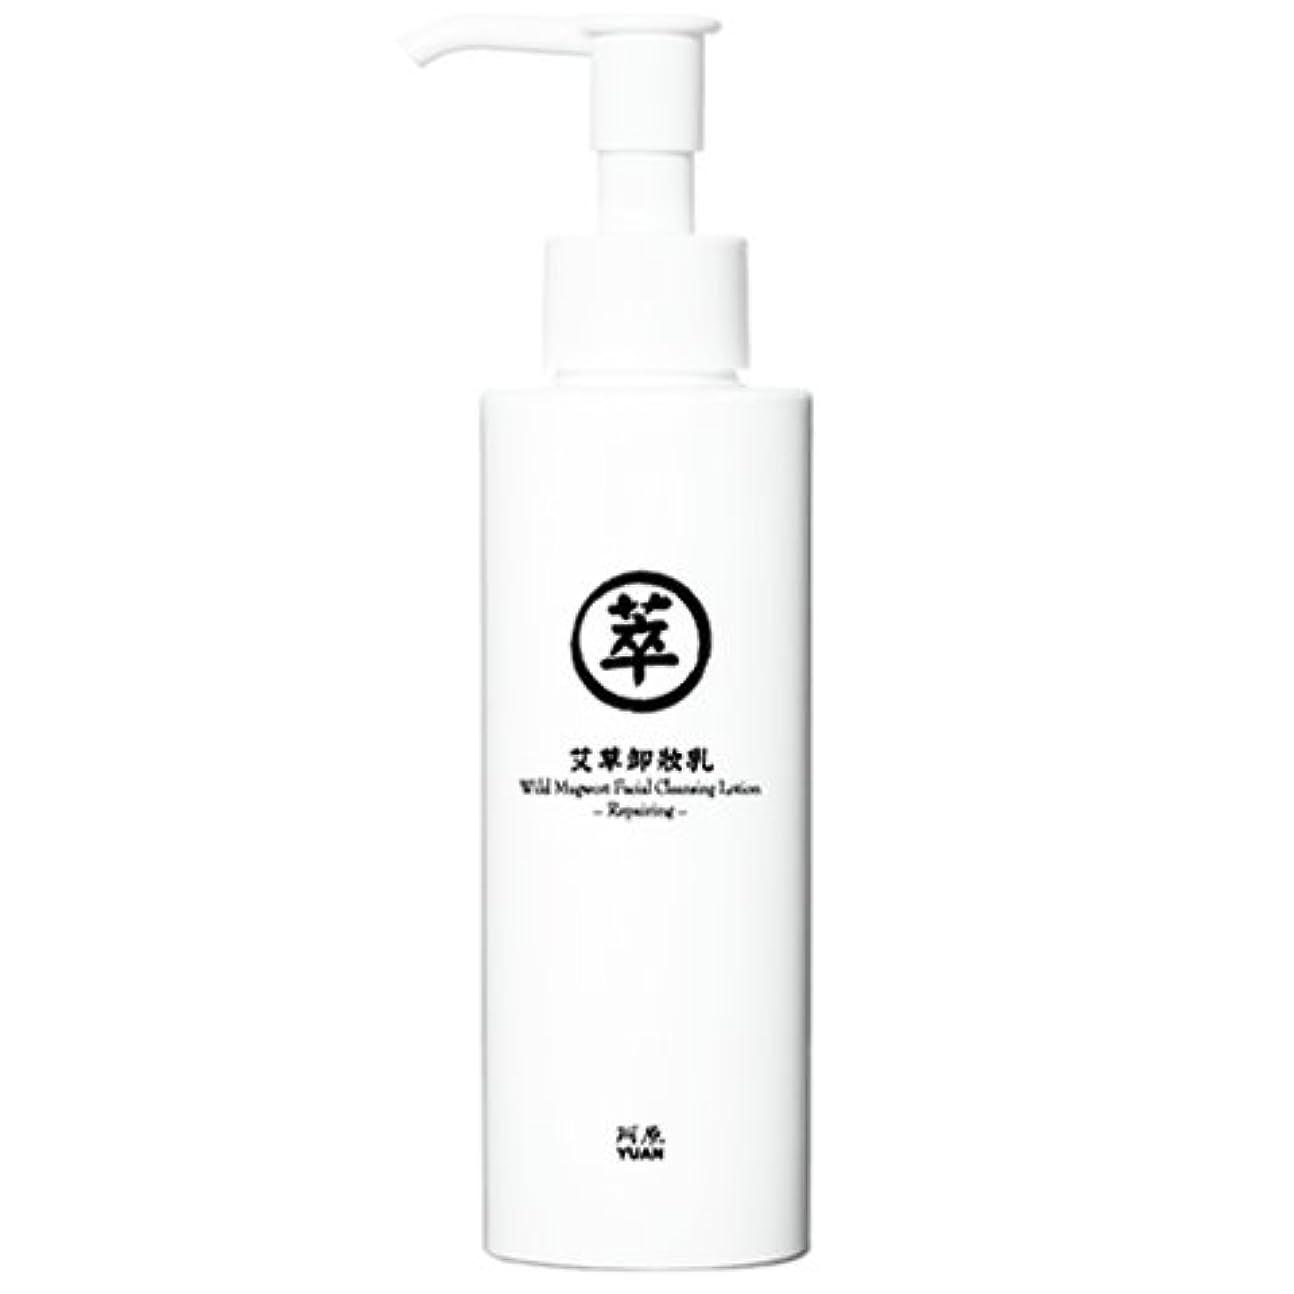 一流トレーニングヨーグルトユアン(YUAN)ヨモギクレンジングミルク 150ml(阿原 ユアンソープ 台湾コスメ)